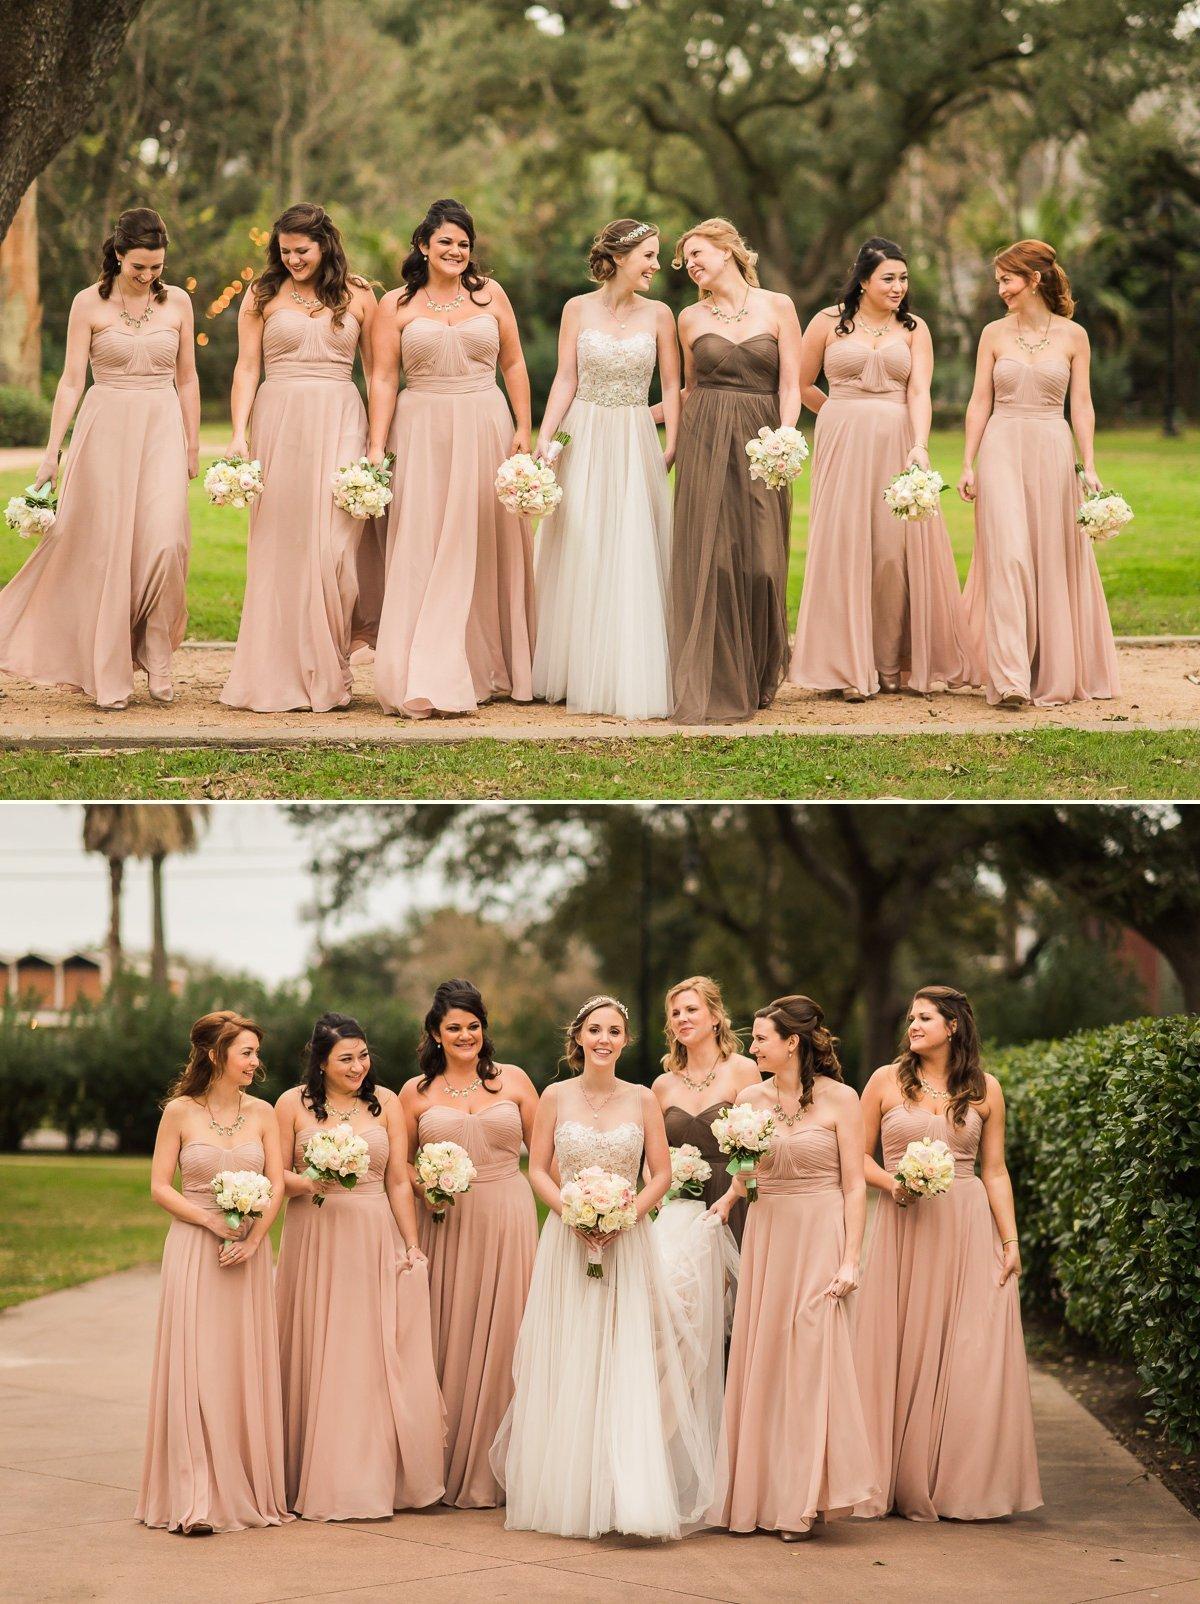 Laine-Spencer-Garten-Verein-Wedding 10